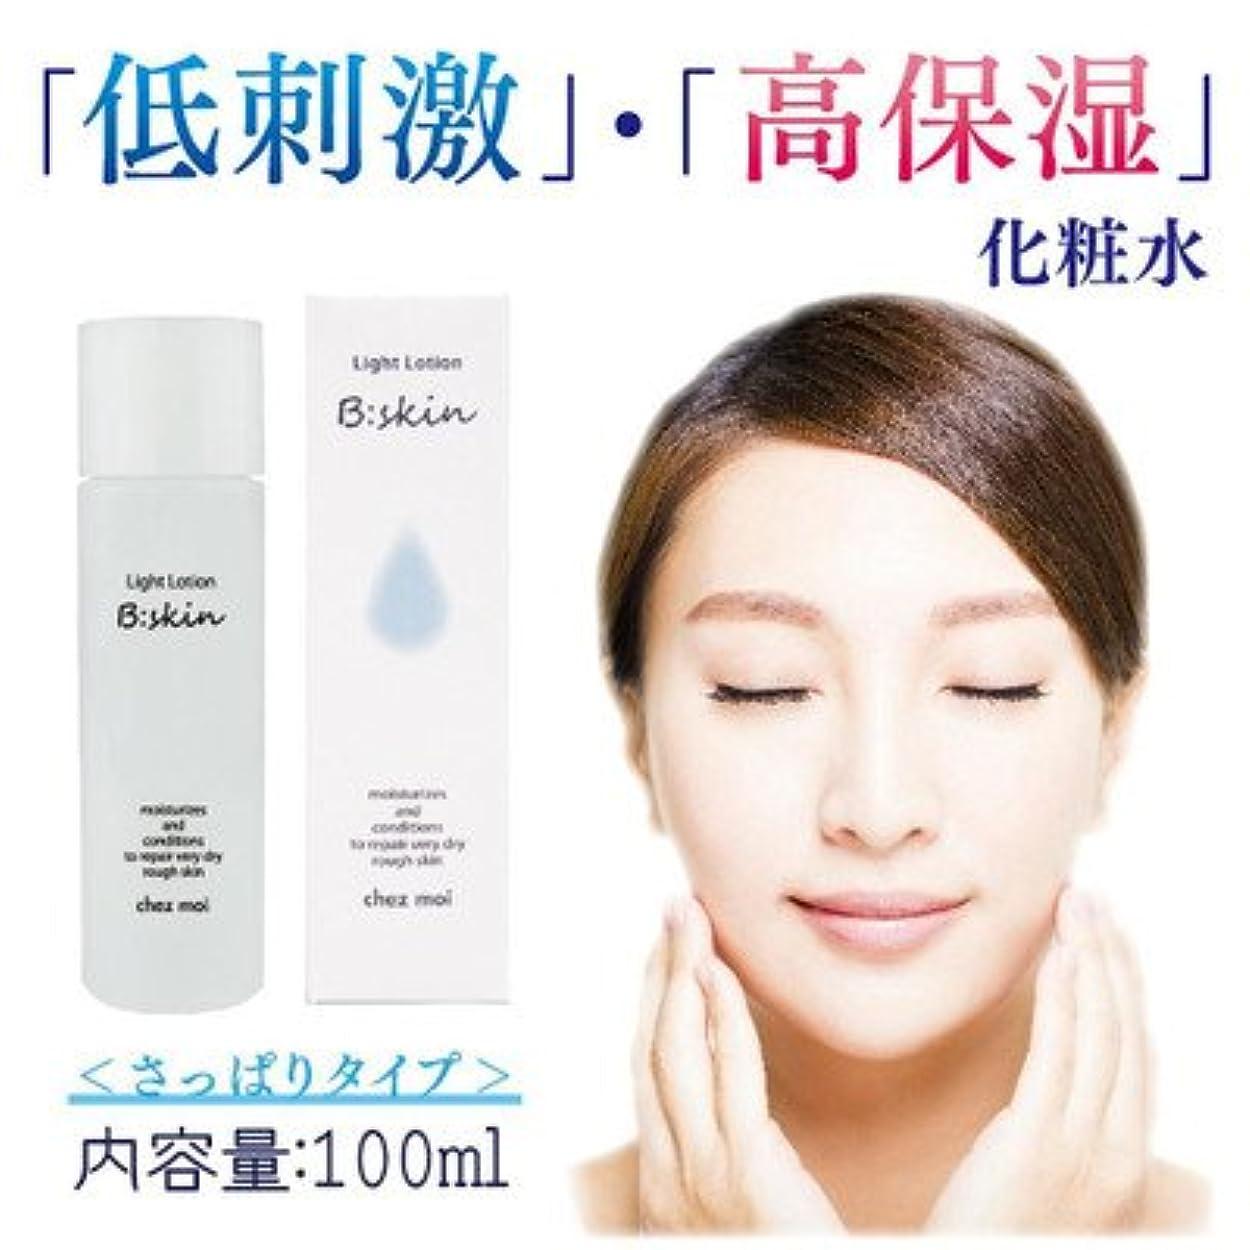 ラフト政令つぶやき低刺激 高保湿 さっぱりタイプの化粧水 B:skin ビースキン Light Lotion ライトローション さっぱりタイプ 化粧水 100mL